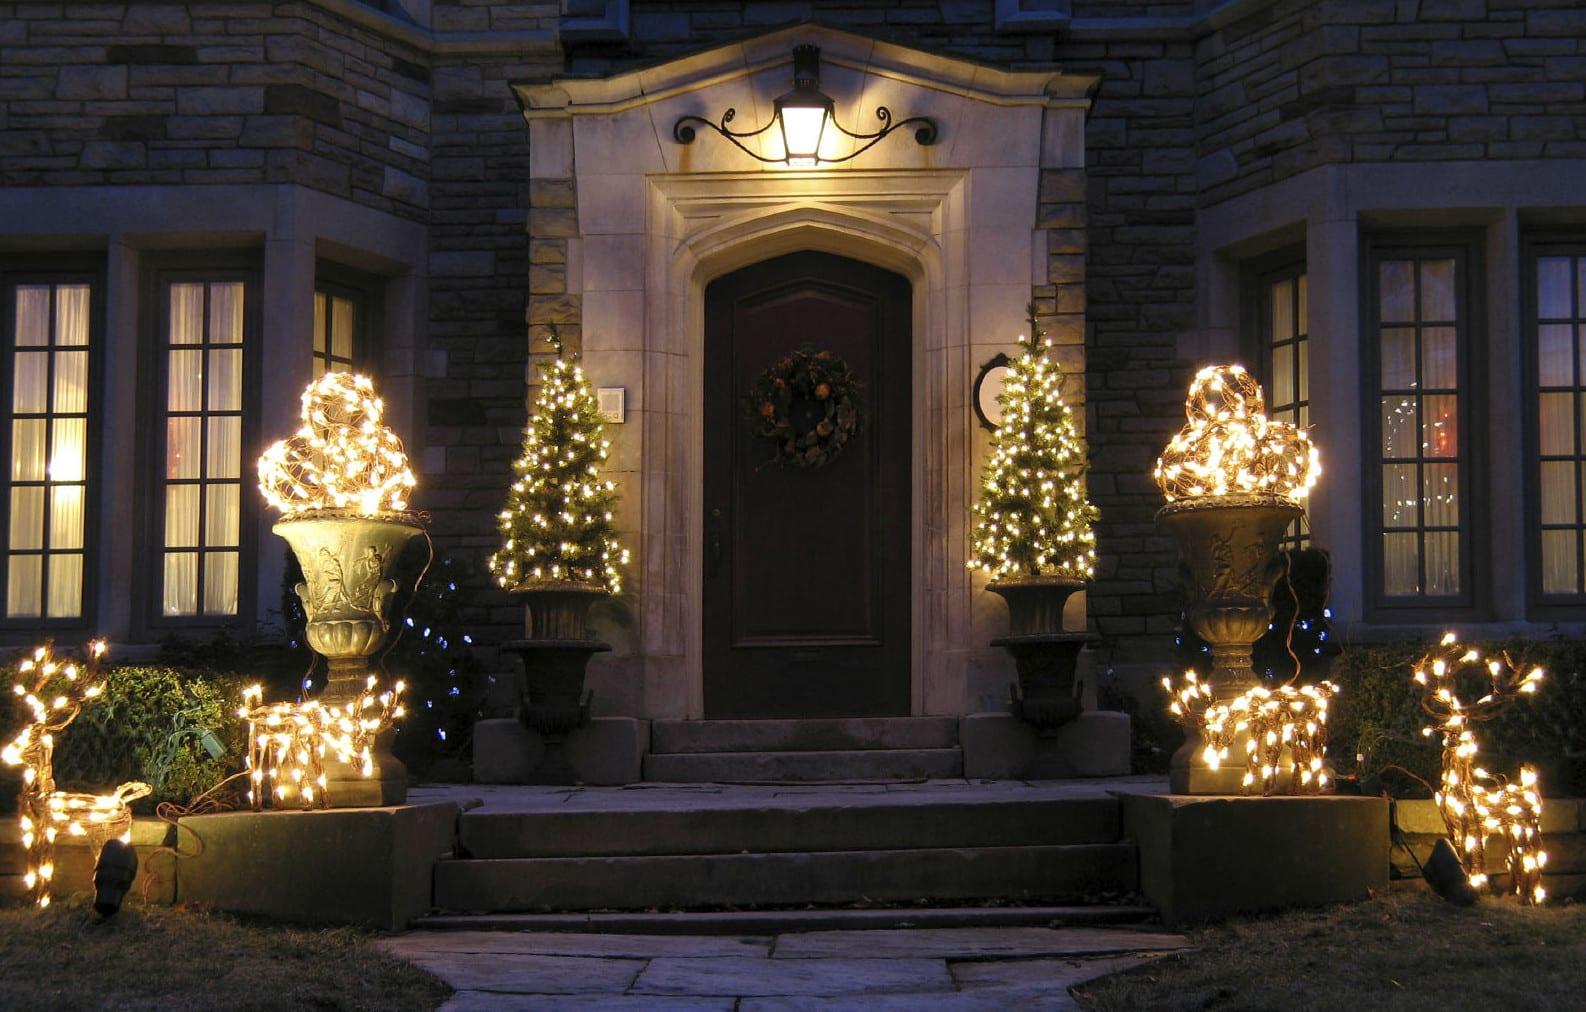 Haustren mit Stil  auch zur Weihnachtszeit ein Blickfang  fresHouse